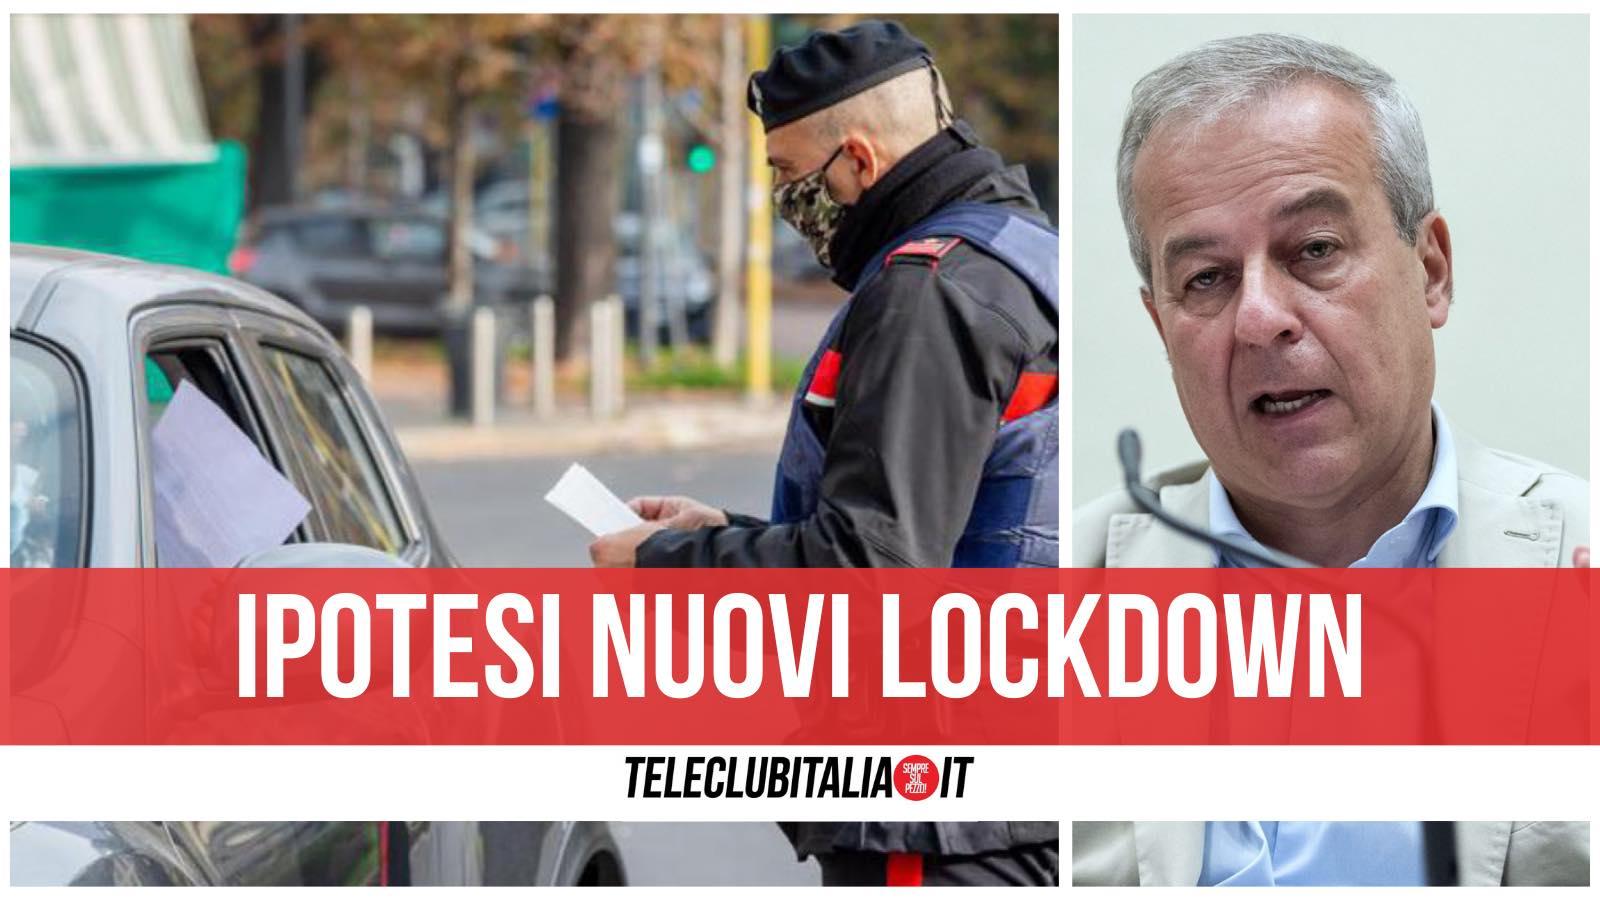 lockdown possibili locatelli iss